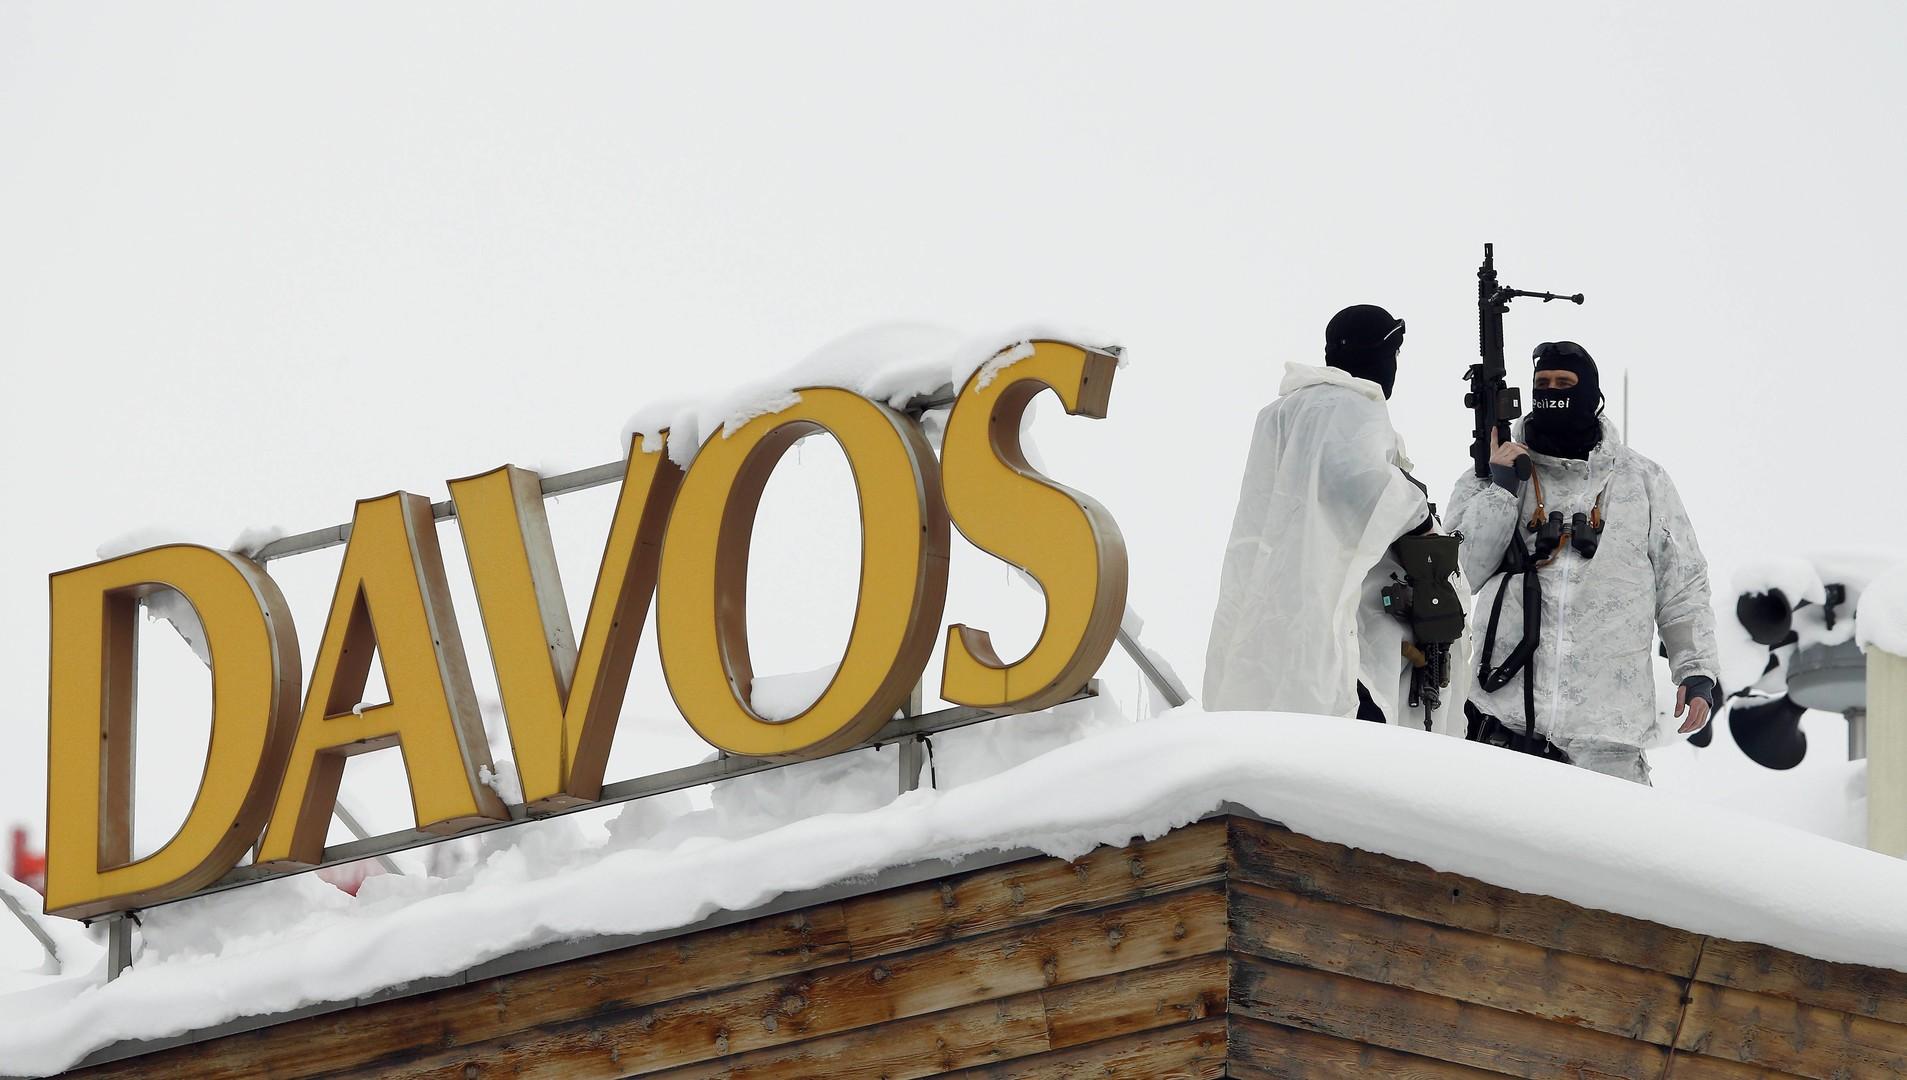 La police suisse protège l'hôtel qui accueille le Forum